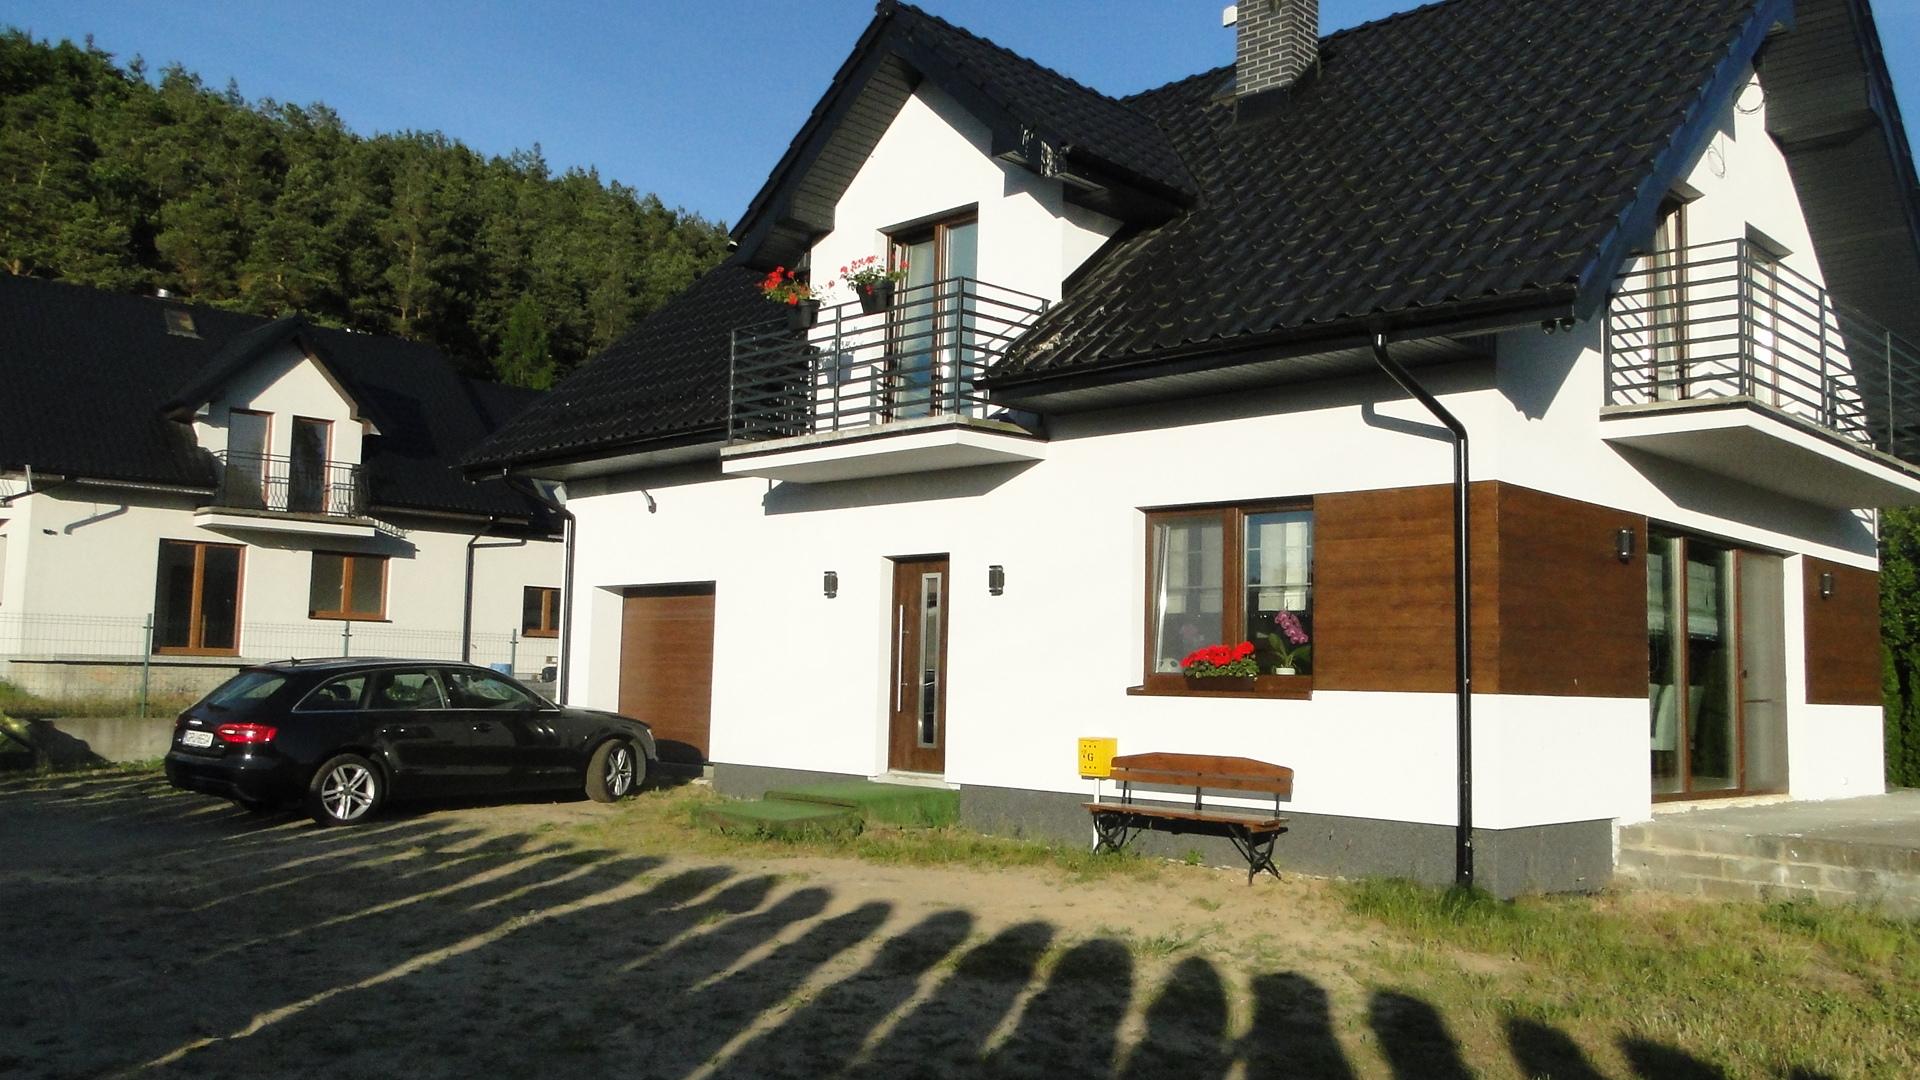 Perła House - skup i sprzedaż nieruchomości Gdańsk, Sopot i Gdynia